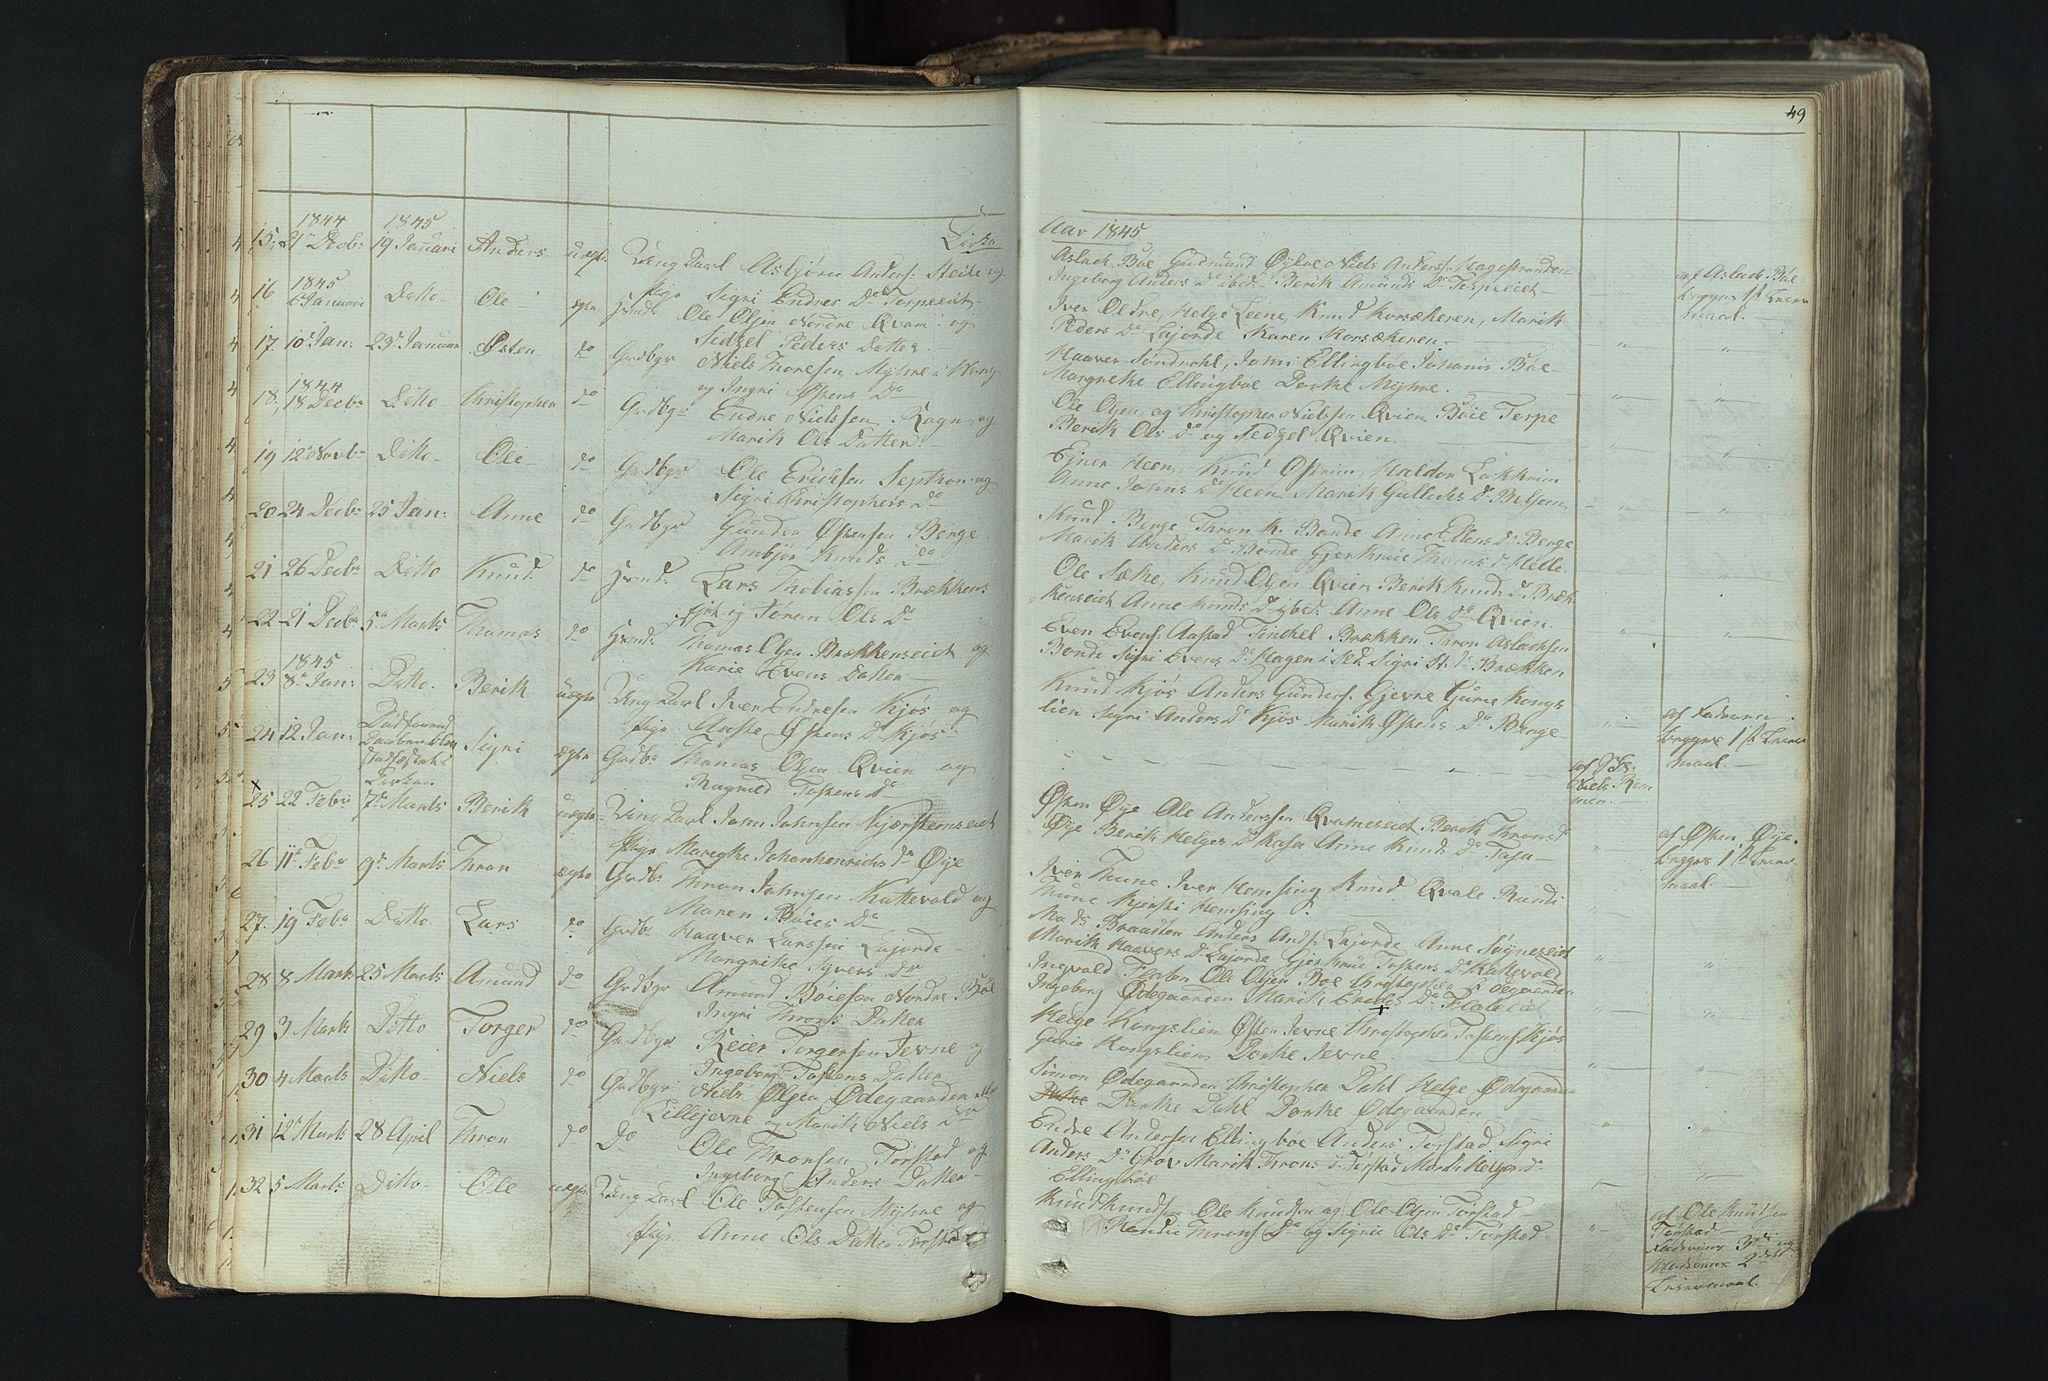 SAH, Vang prestekontor, Valdres, Klokkerbok nr. 4, 1835-1892, s. 49